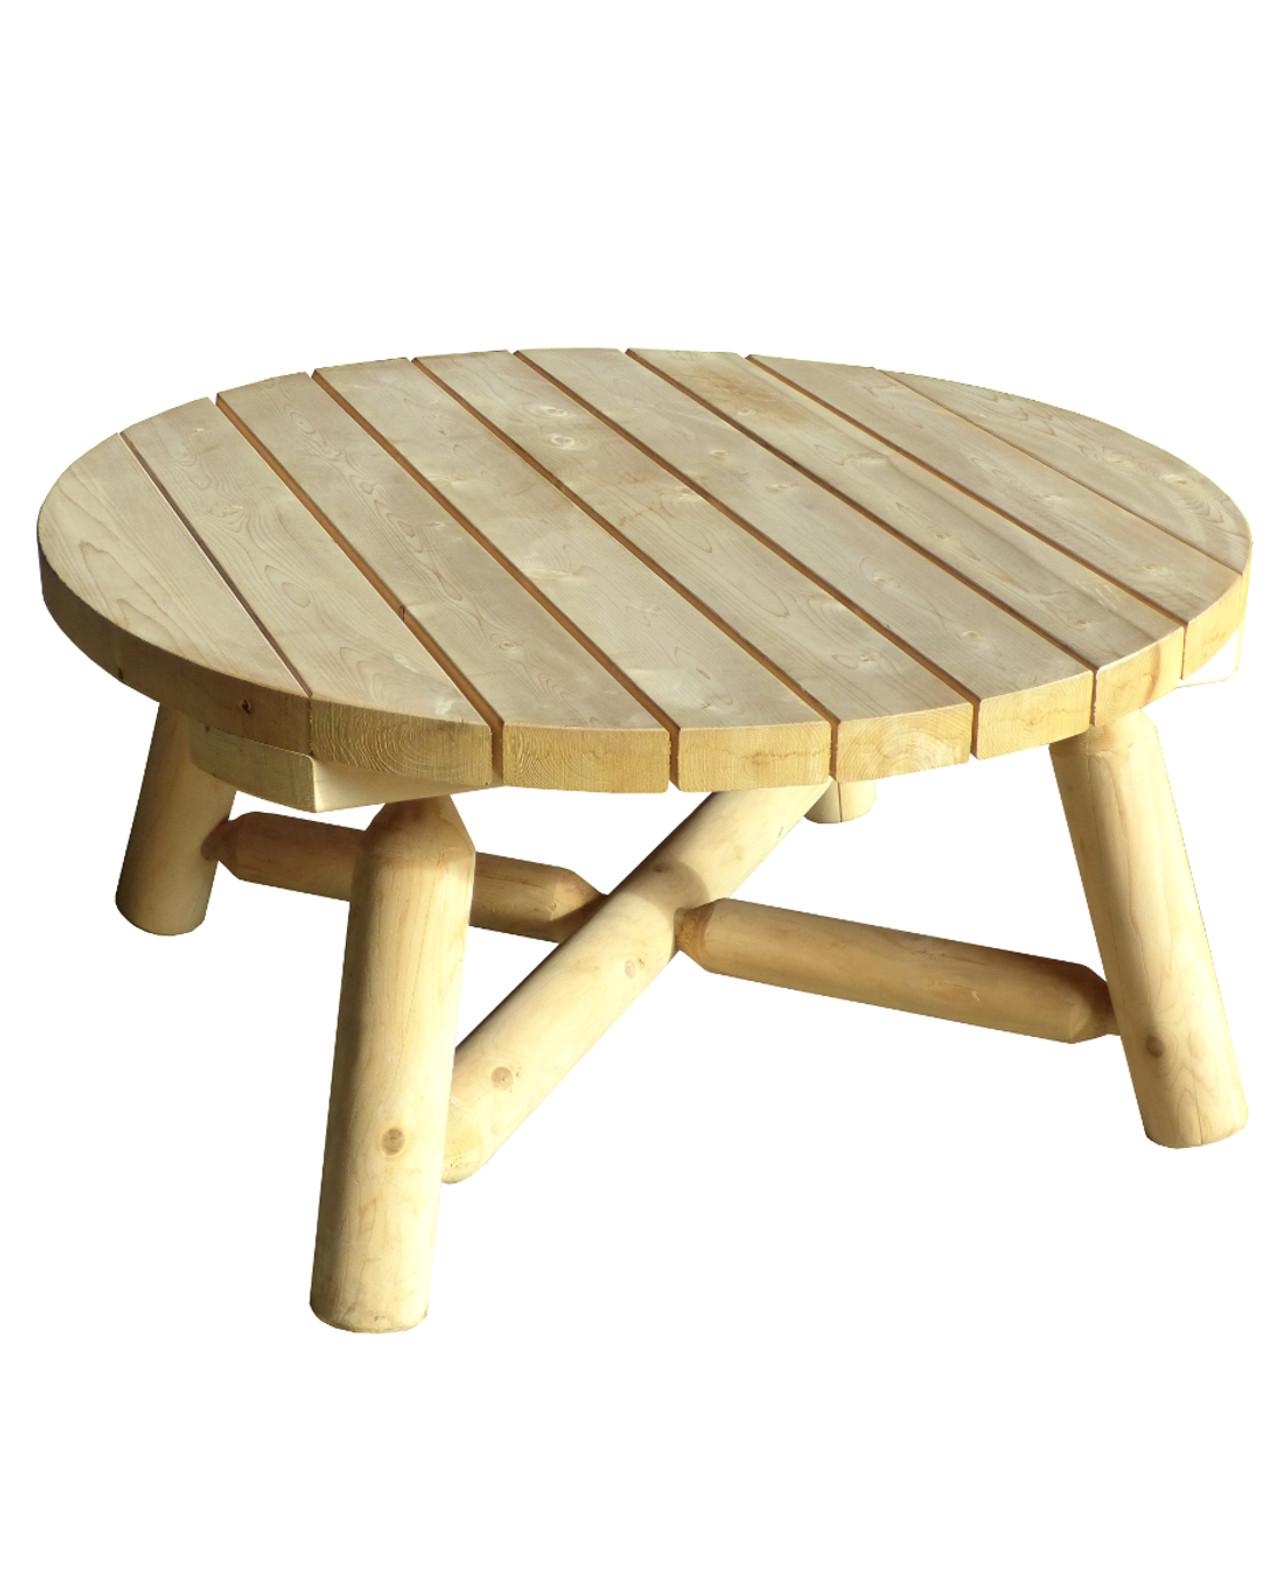 Table basse exterieur alinéa bois